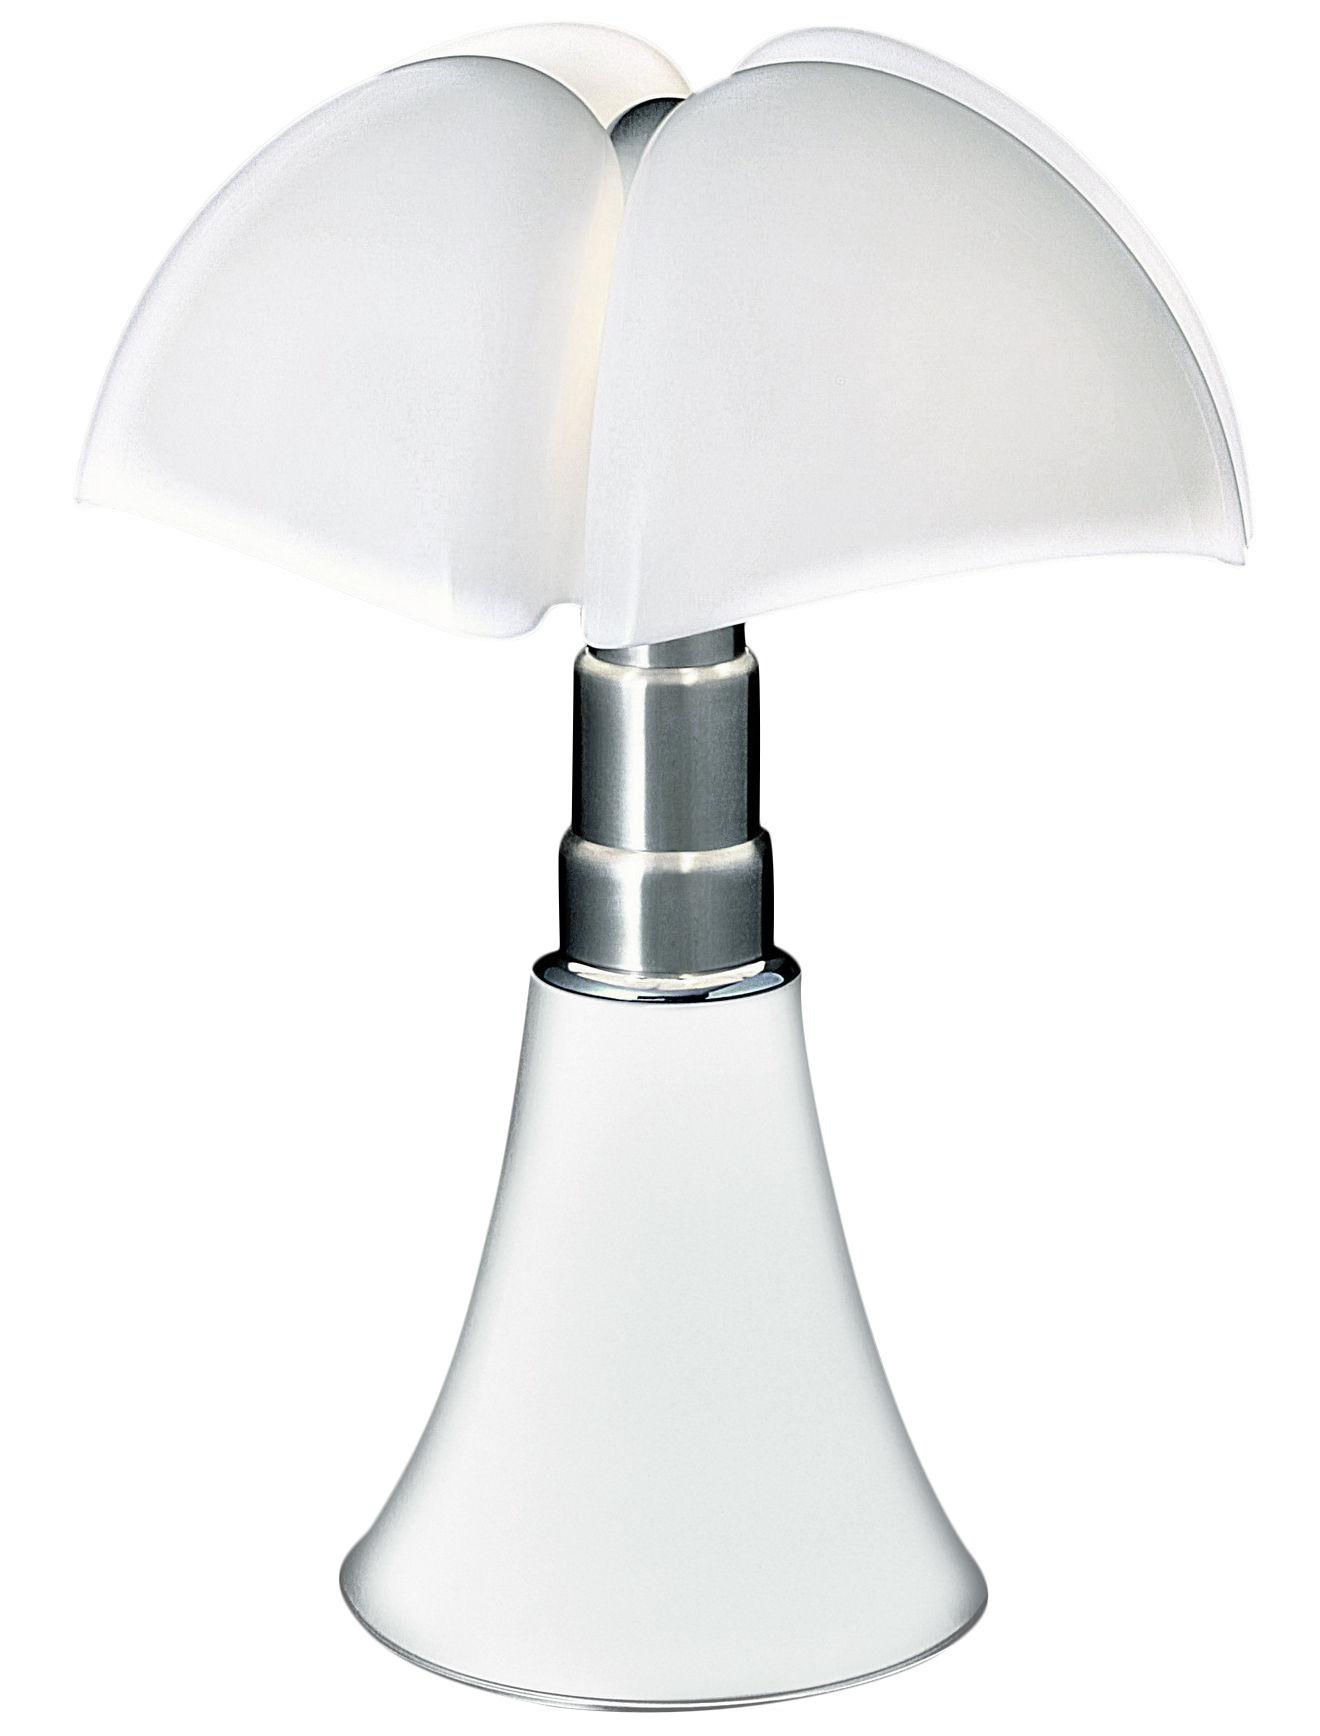 Illuminazione - Lampade da tavolo - Lampada da tavolo Pipistrello di Martinelli Luce - Bianco - Acciaio galvanizzato, Alluminio laccato, Metacrilato opalino